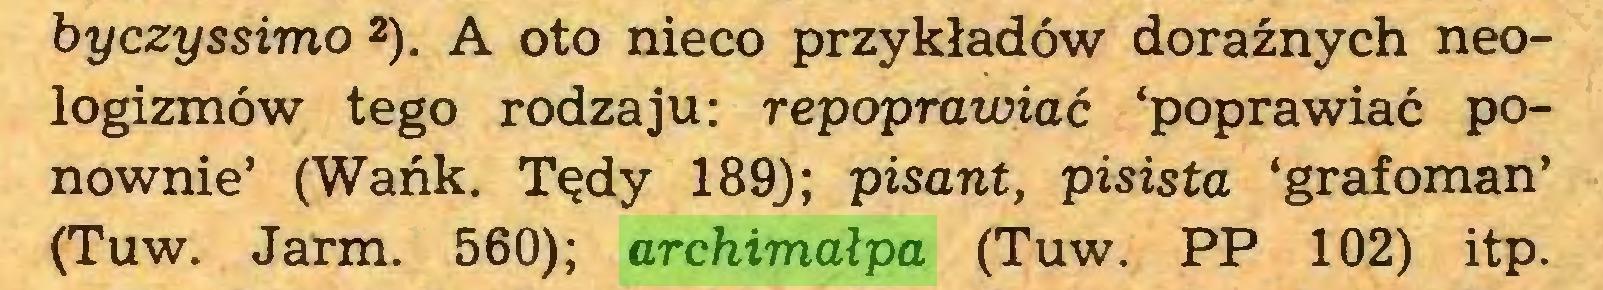 (...) byczyssimo 2). A oto nieco przykładów doraźnych neologizmów tego rodzaju: repoprawiać 'poprawiać ponownie' (Wańk. Tędy 189J; pisant, pisista 'grafoman' (Tuw. Jarm. 560); archimałpa (Tuw. PP 102) itp...